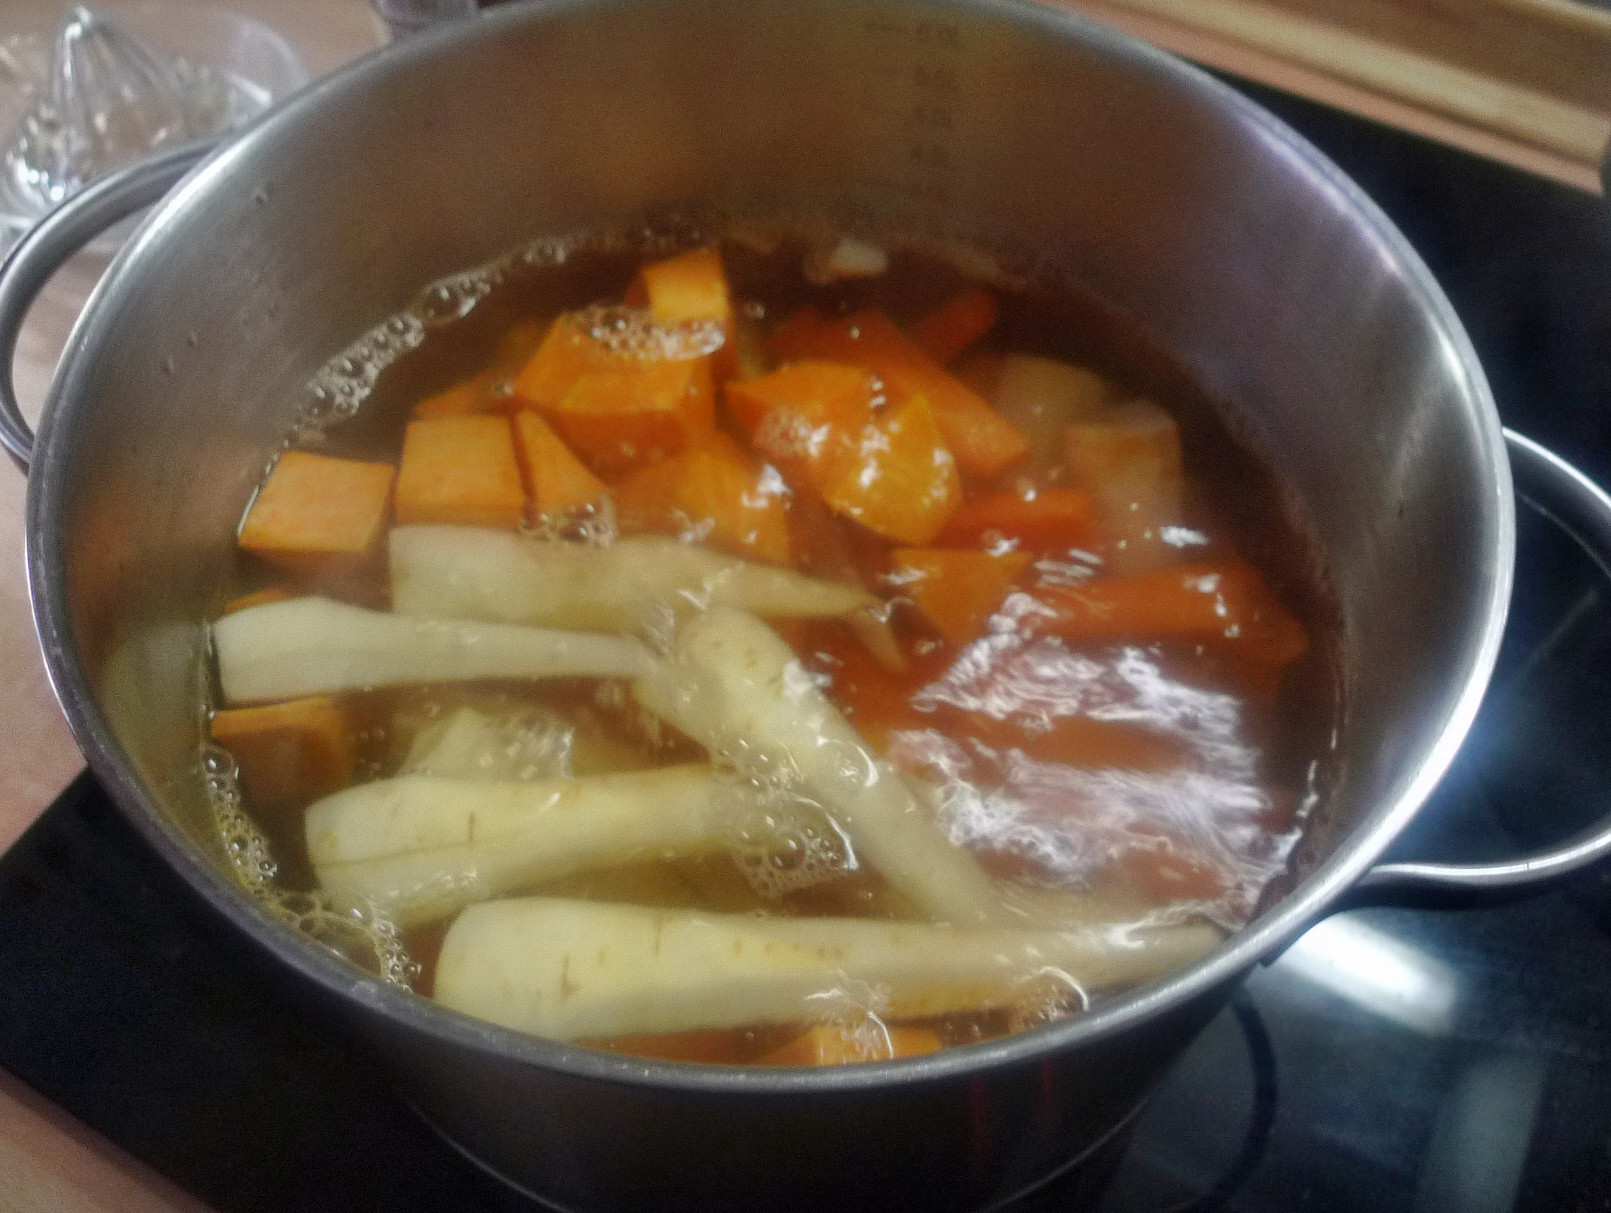 Ofengebackenes Würzelgemüse,Hummus,Guacamole -5.4.15   (5)